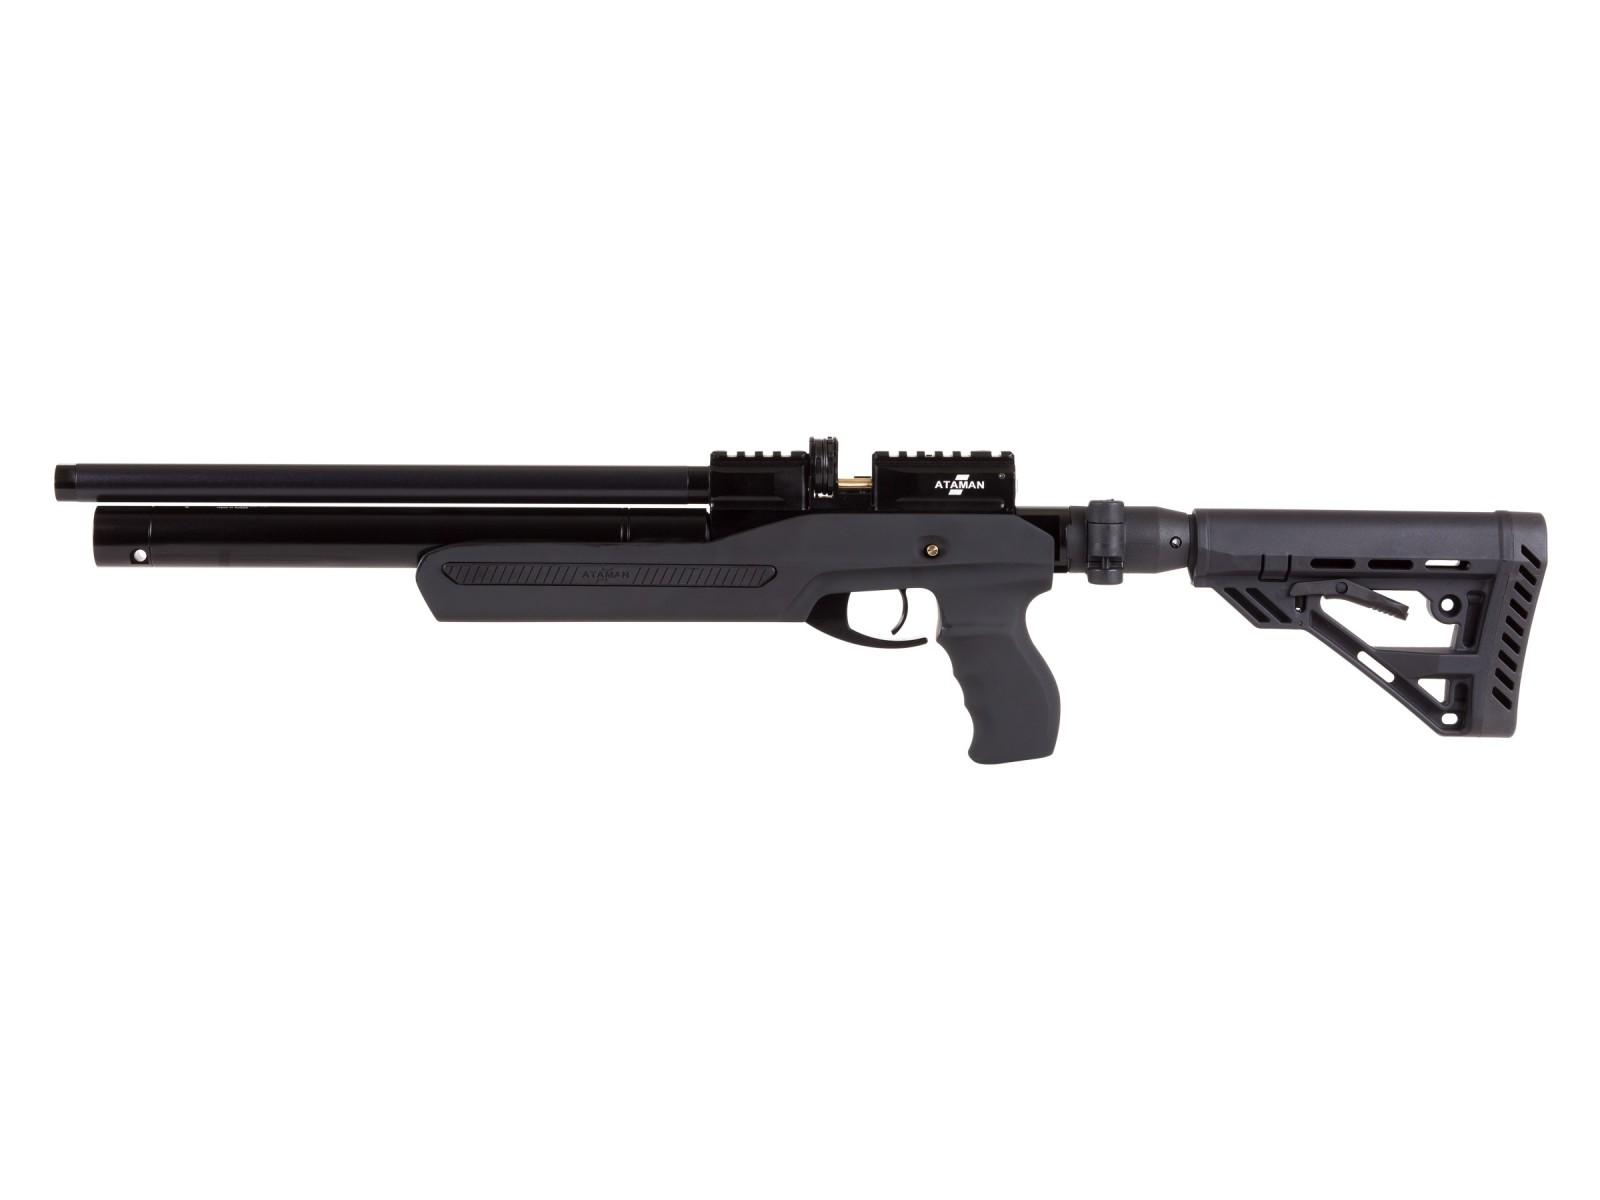 Ataman M2R Carbine Ultra Compact Air Rifle, Black